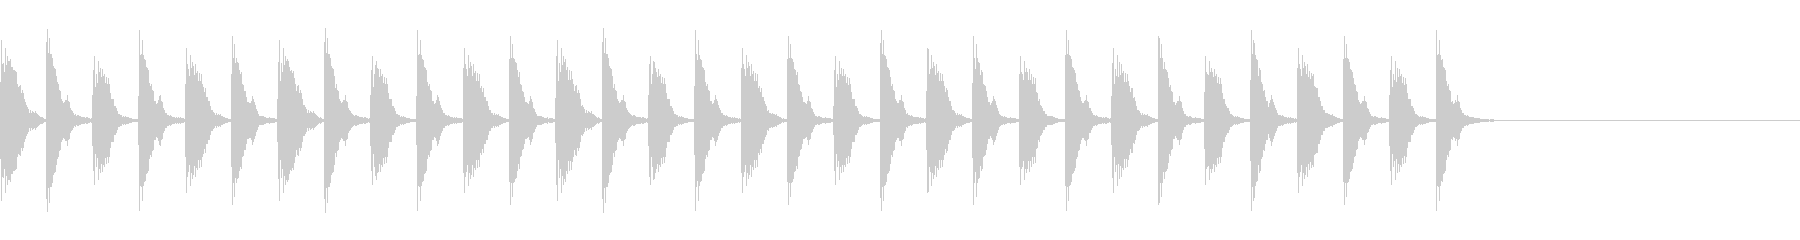 ポカポカ殴るA02の未再生の波形